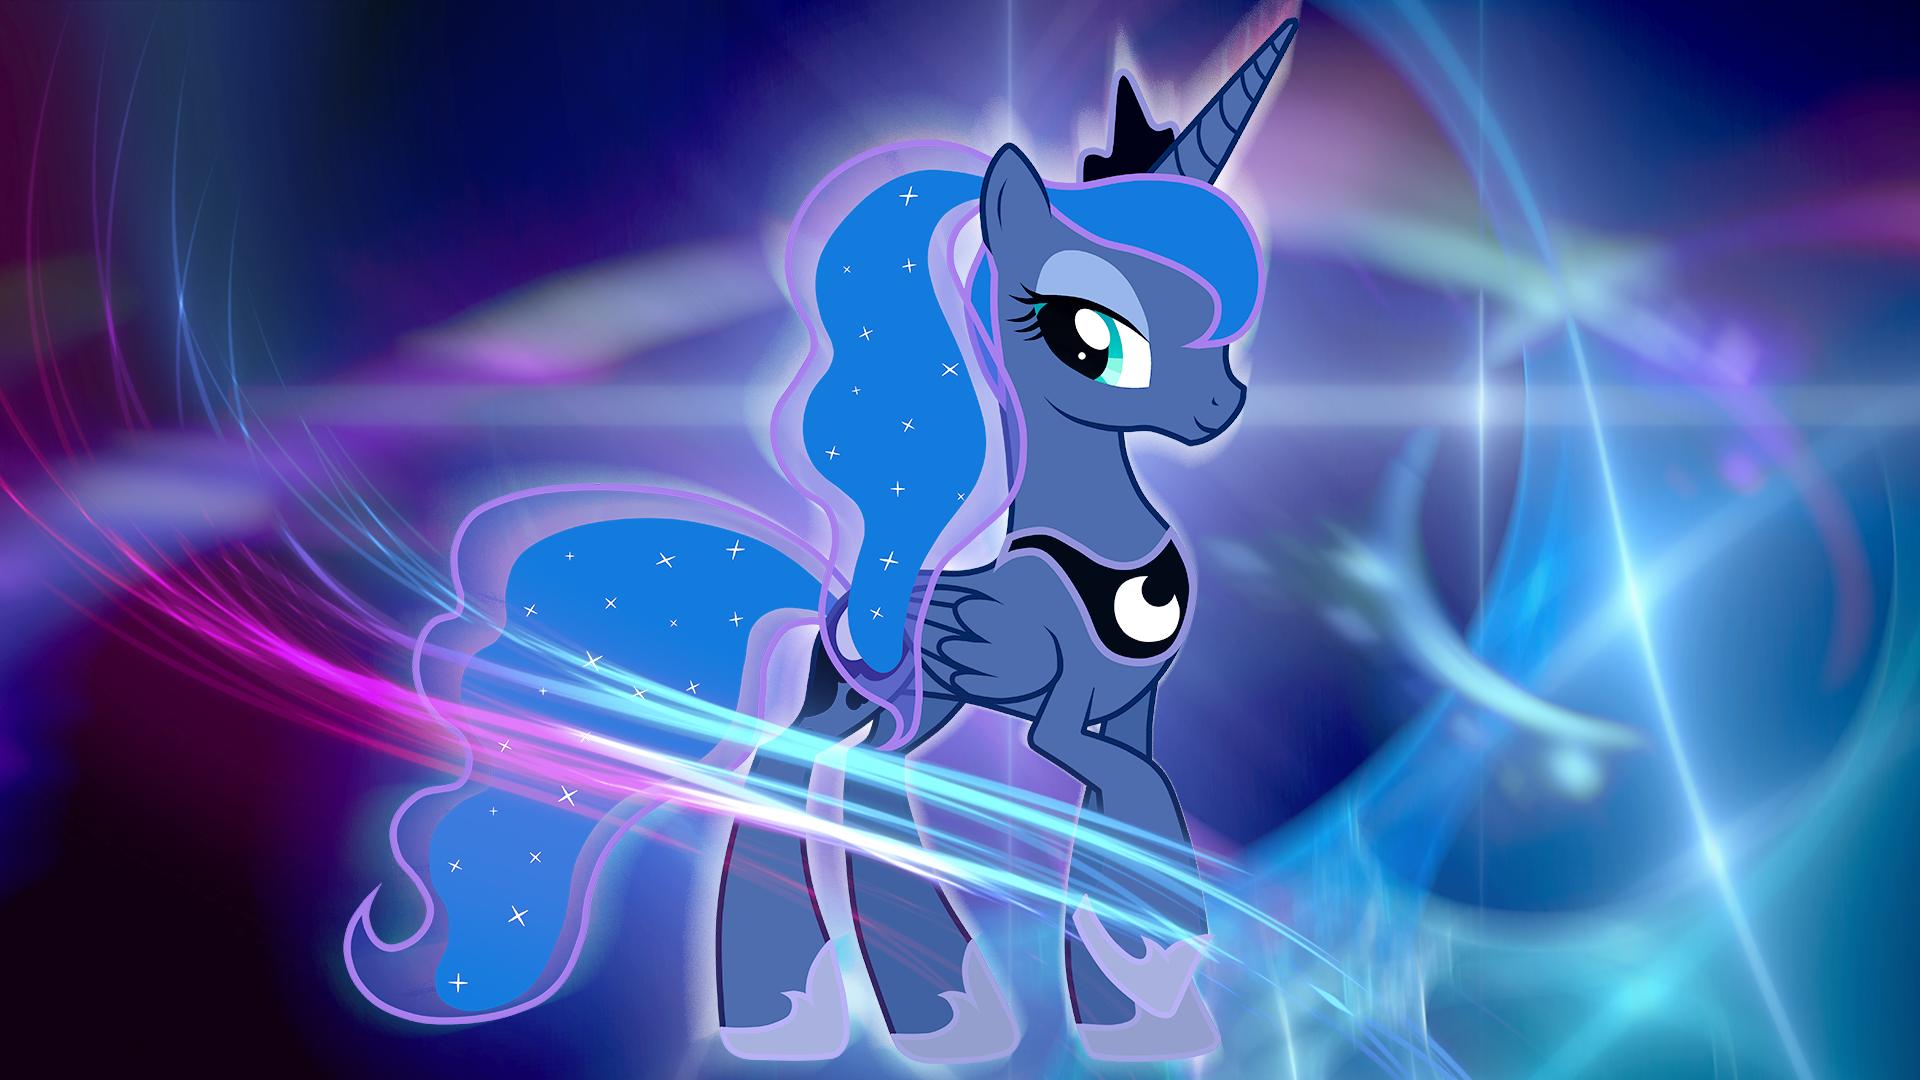 Luna by proffes